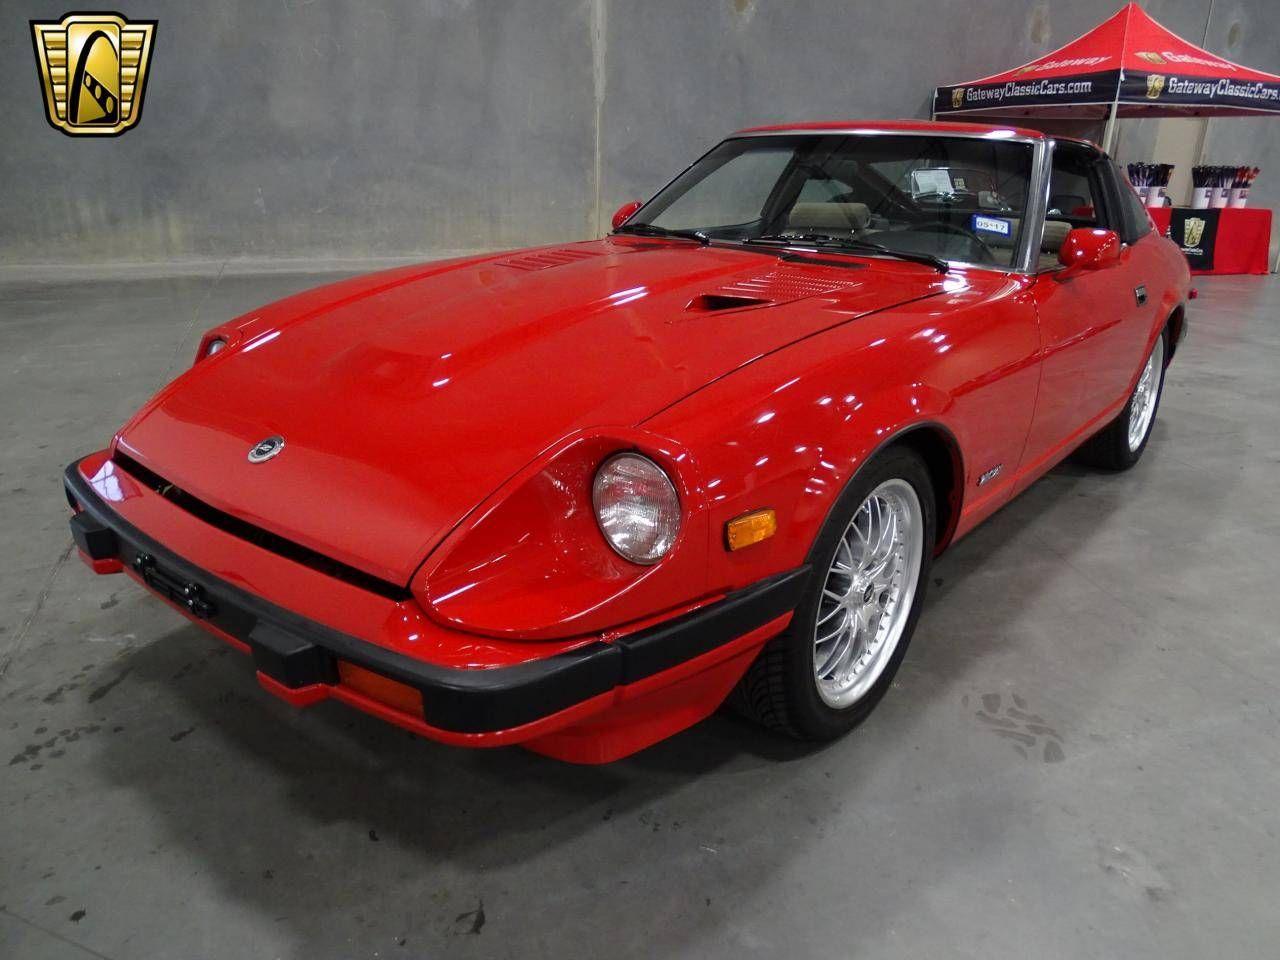 1983 Datsun 280zx For Sale 1910296 Hemmings Motor News フェアレディz フェアレディ アルピナ